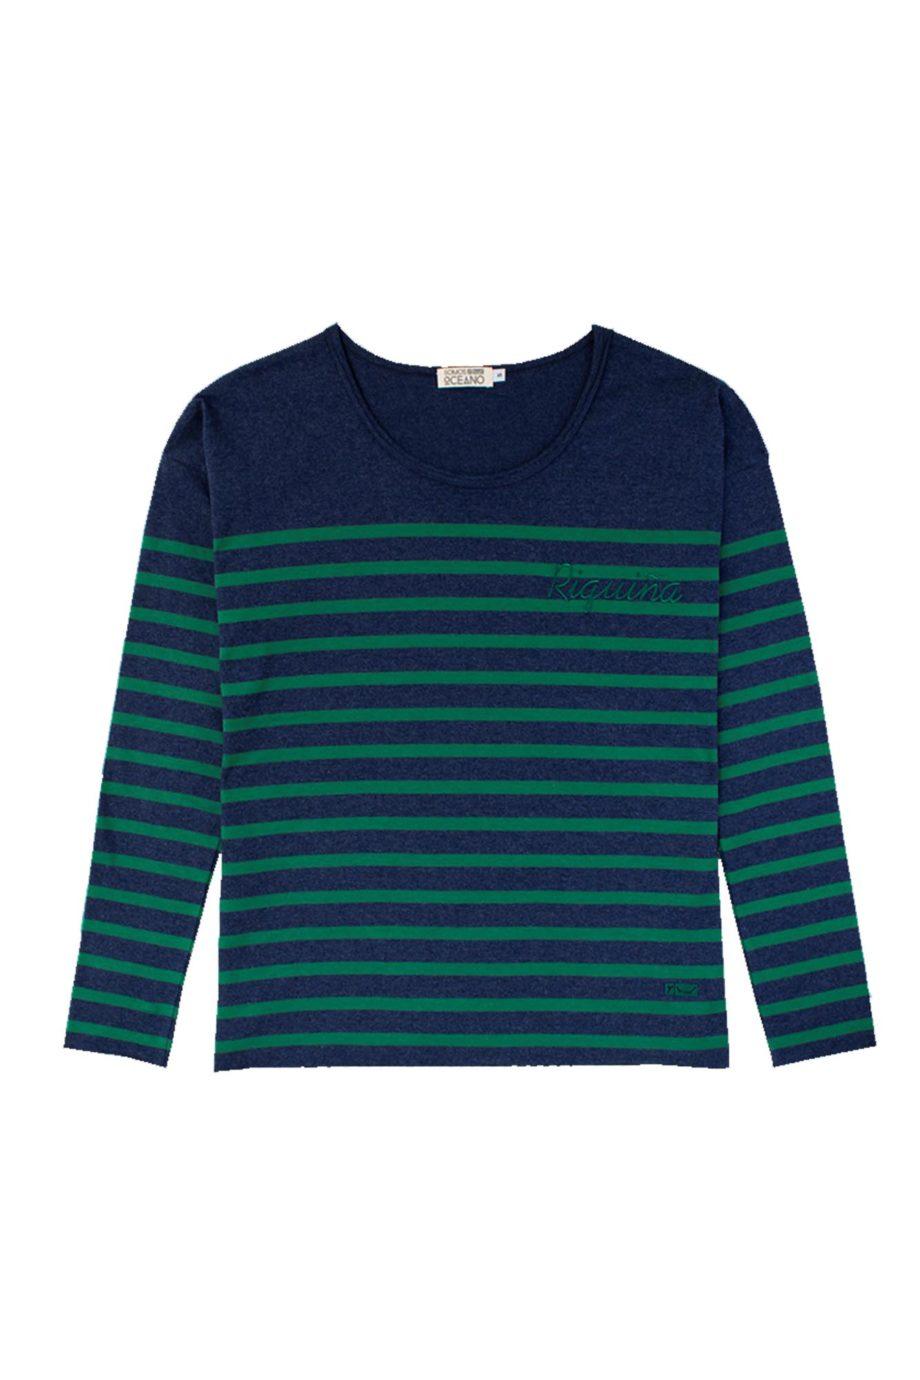 somosoceano-camiseta-de-algodon-riquiña